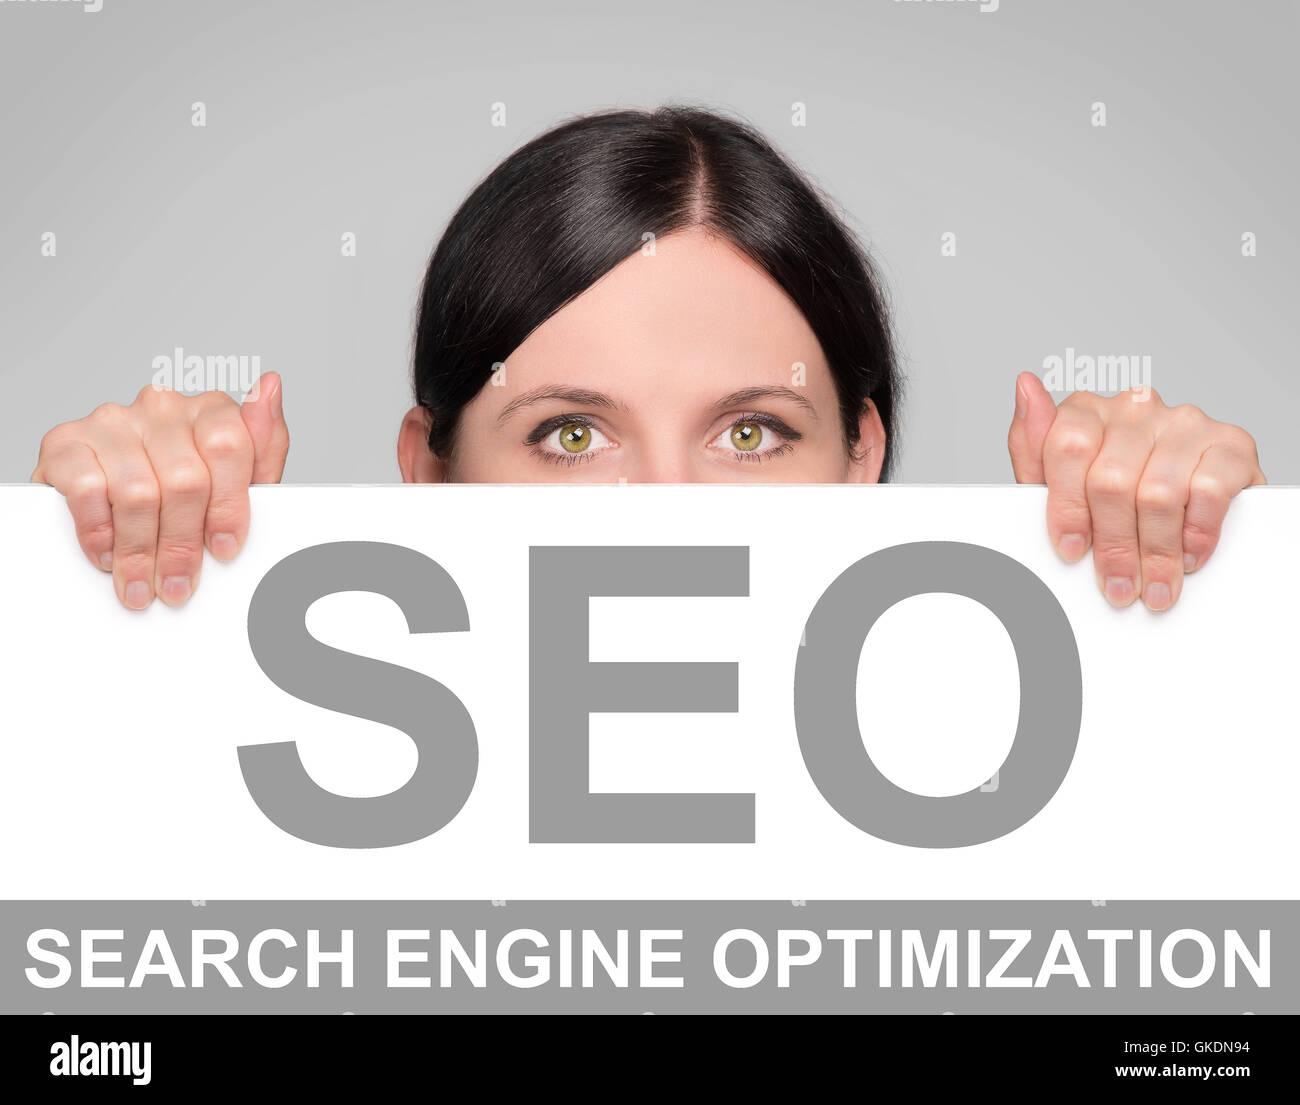 optimization keyword marketing - Stock Image